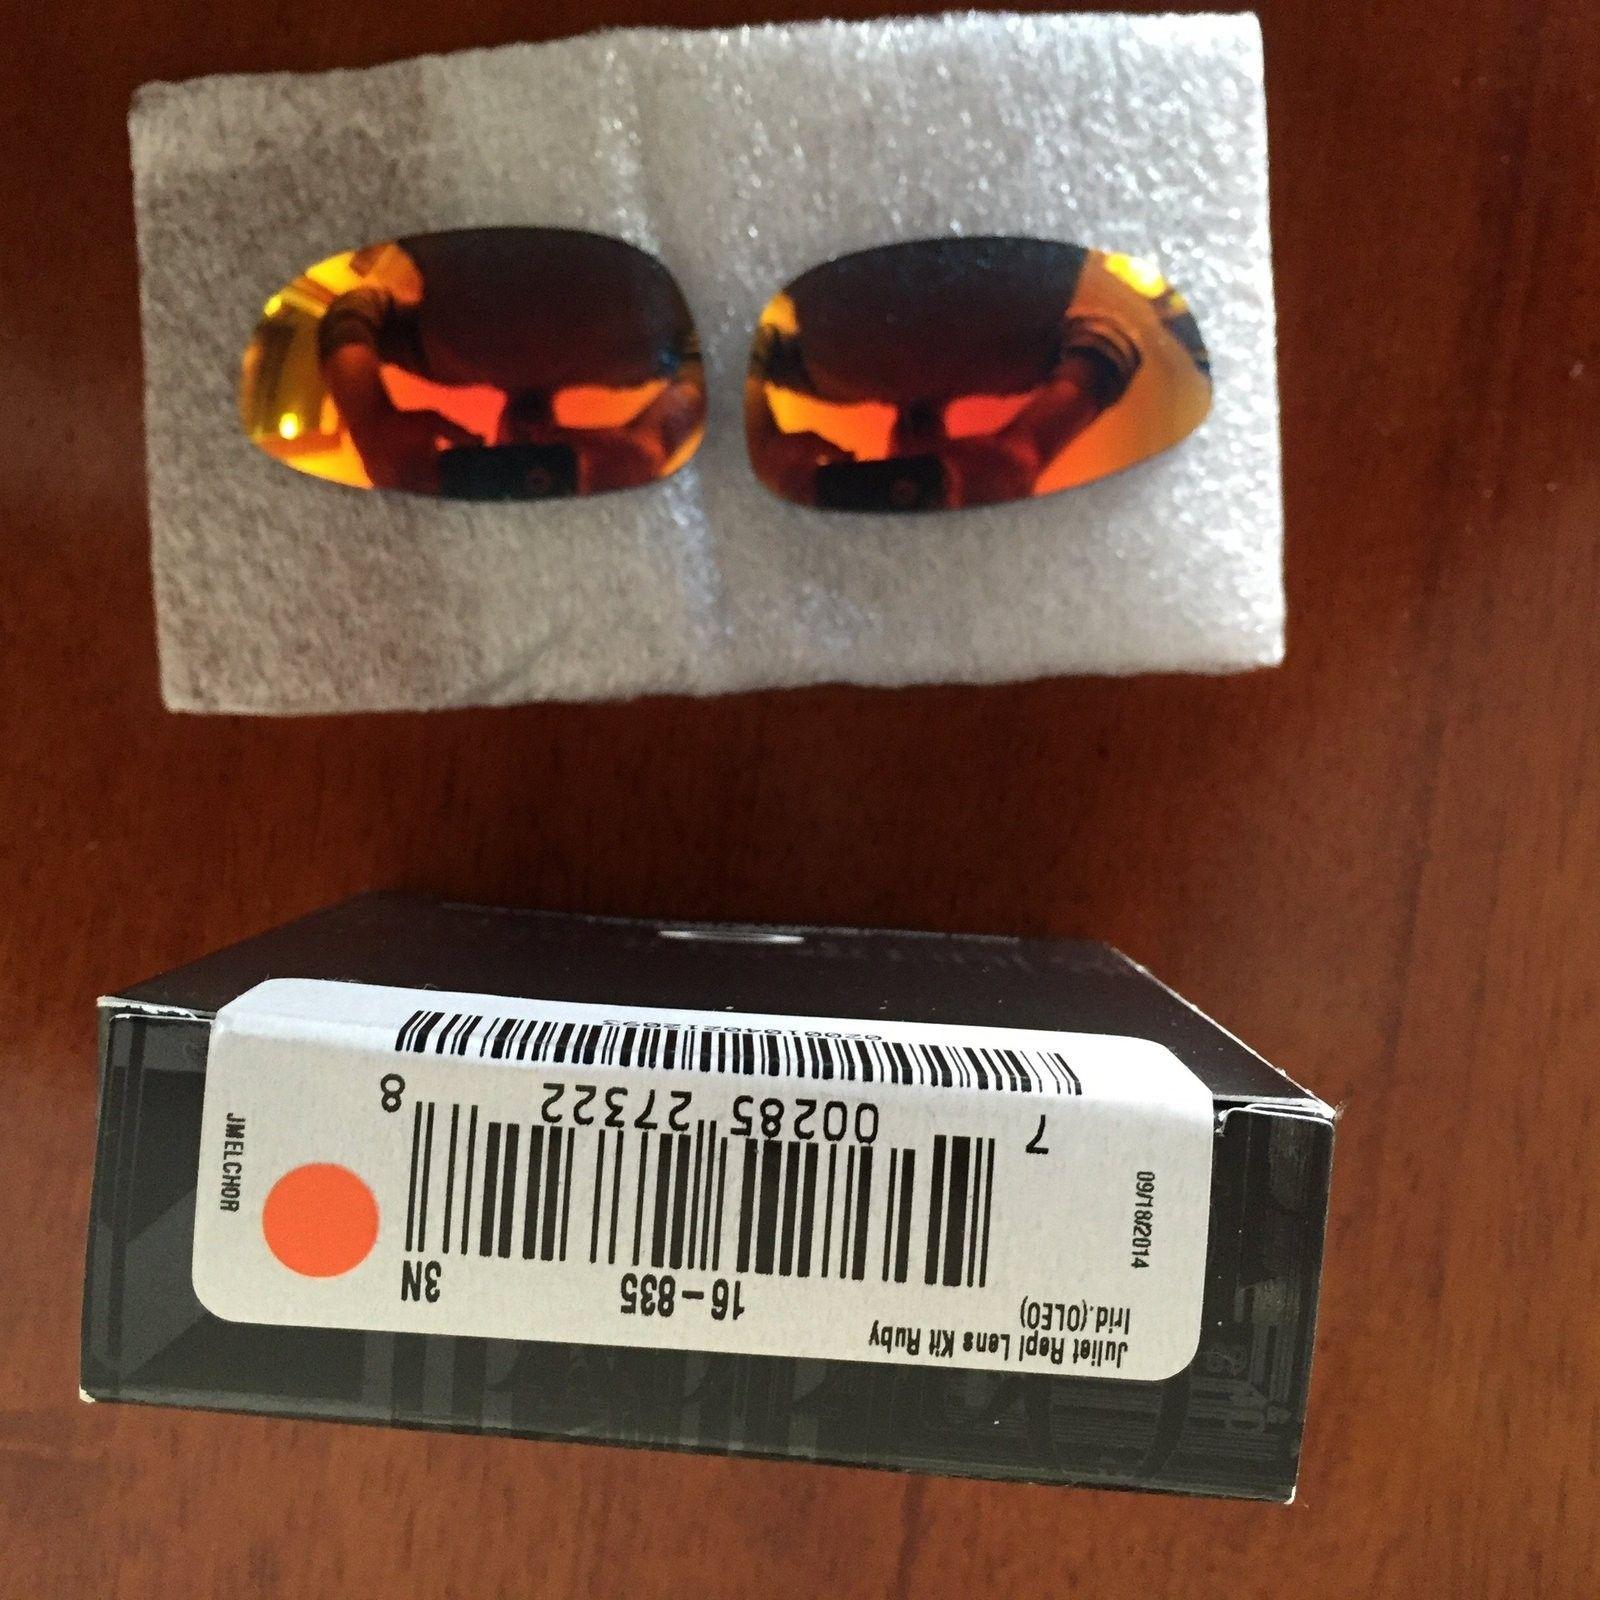 Lens new items - image.jpg